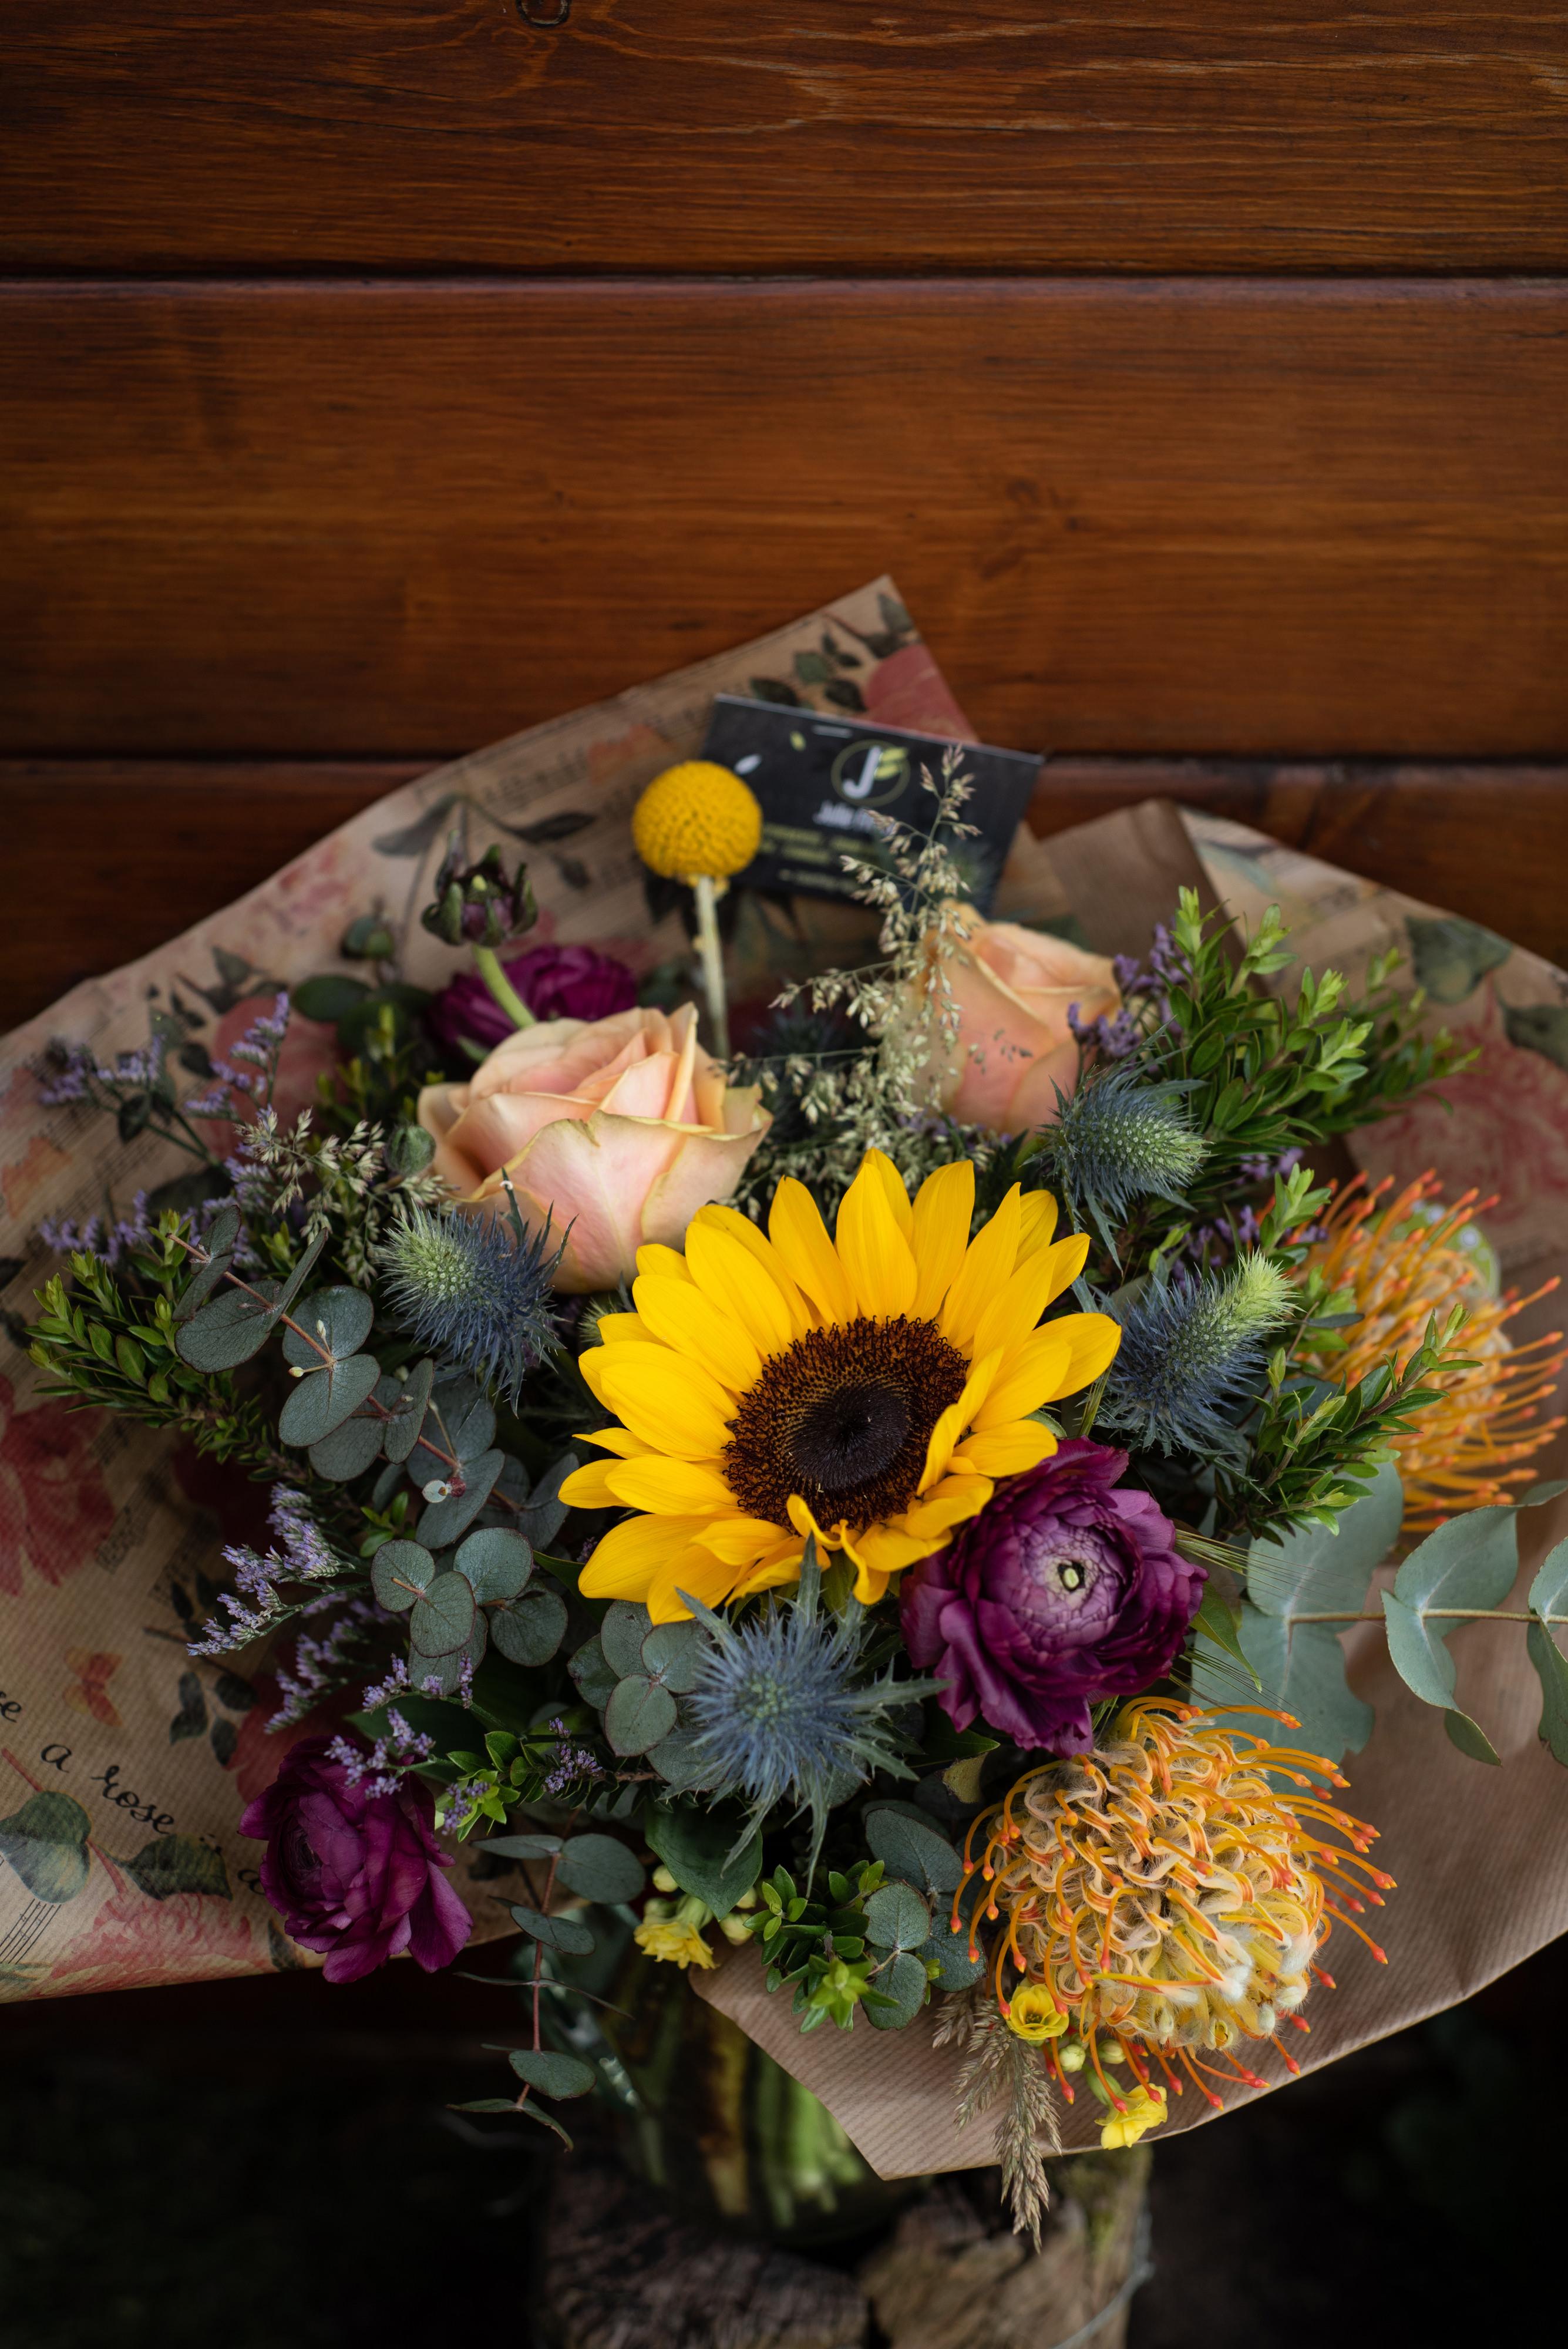 Bouquet de fleurs julie Flora - 9-05-202